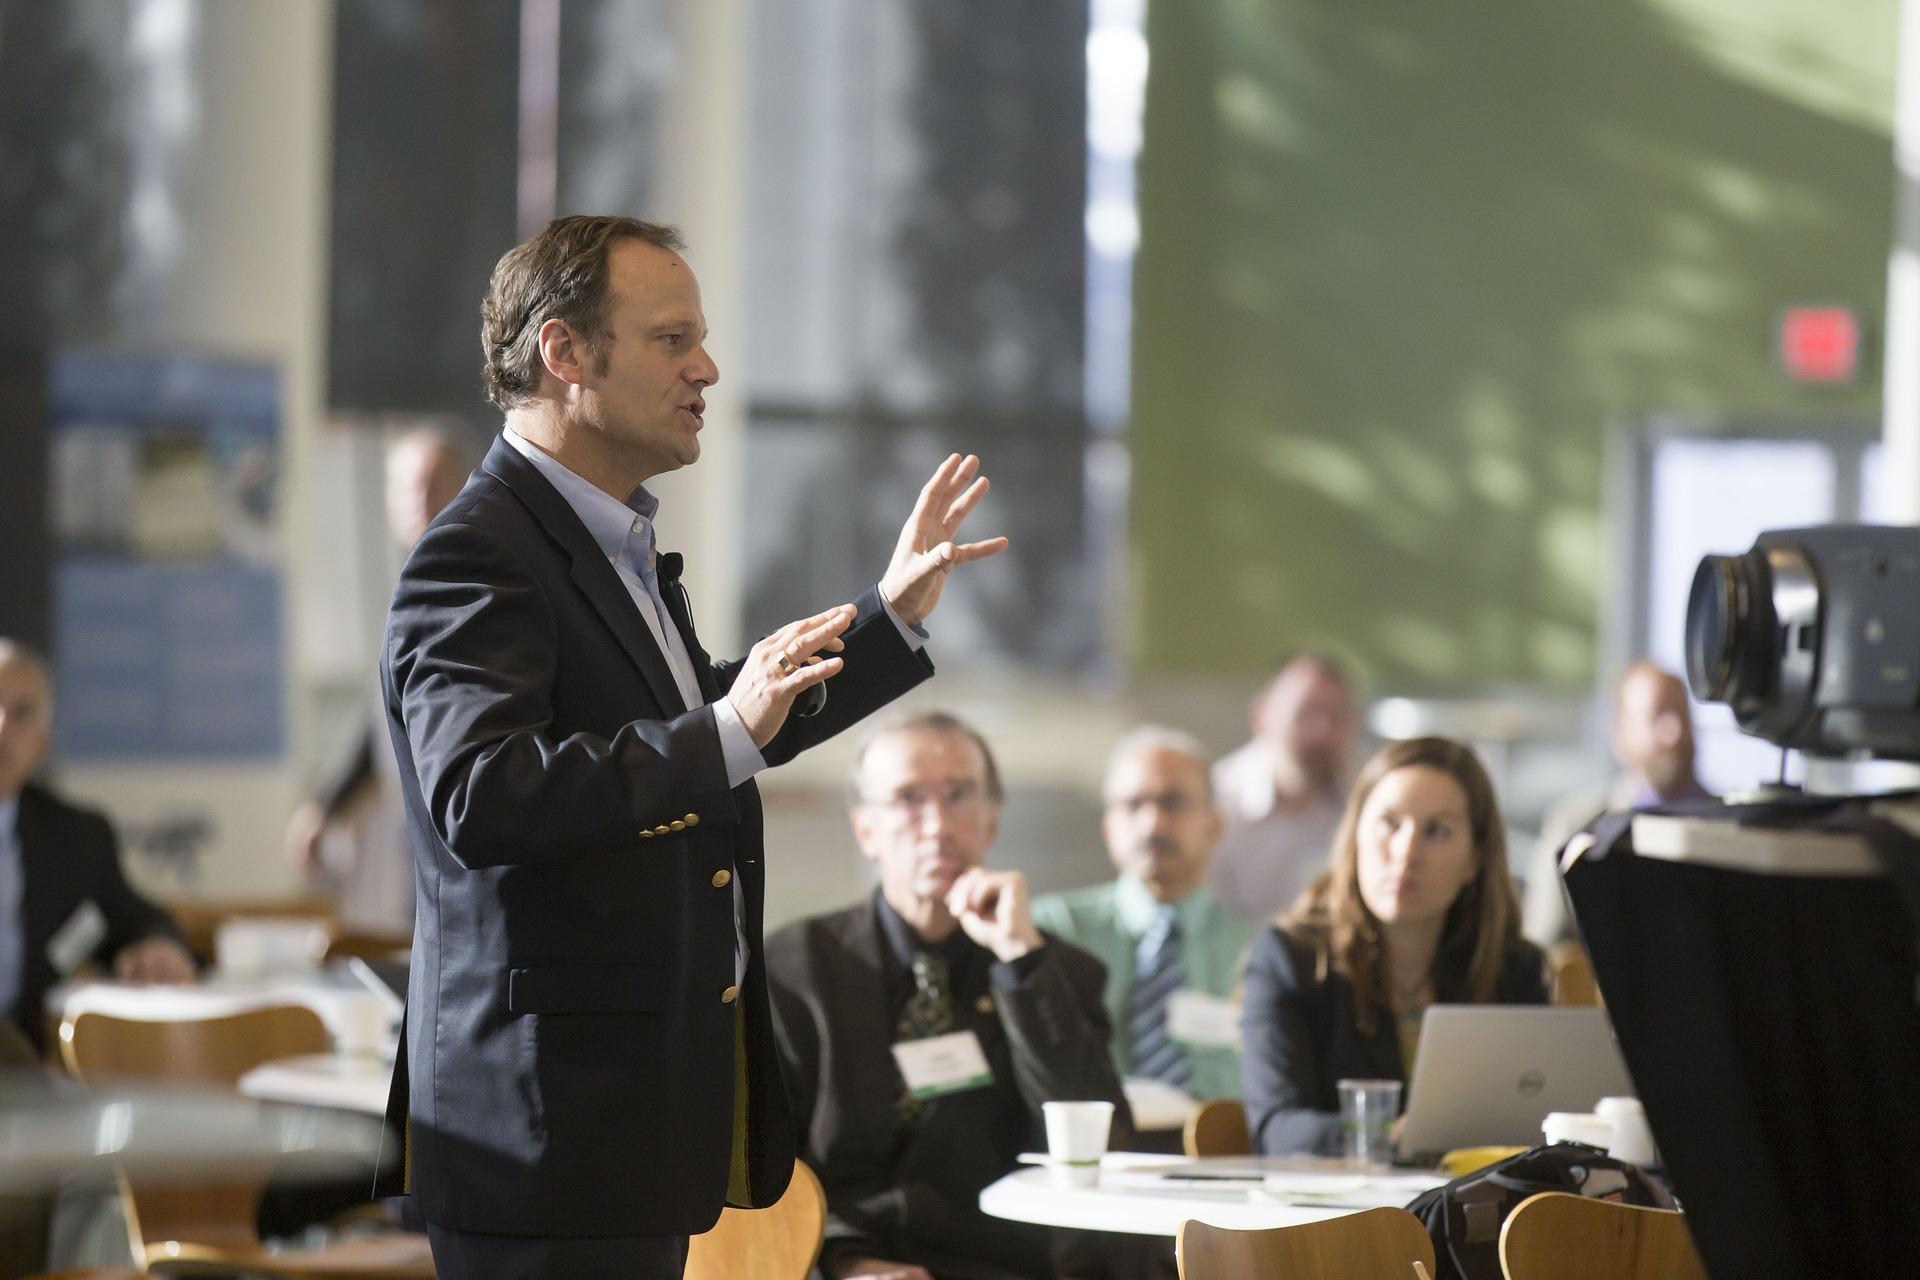 conferencia-hablar-publico-orador.jpg